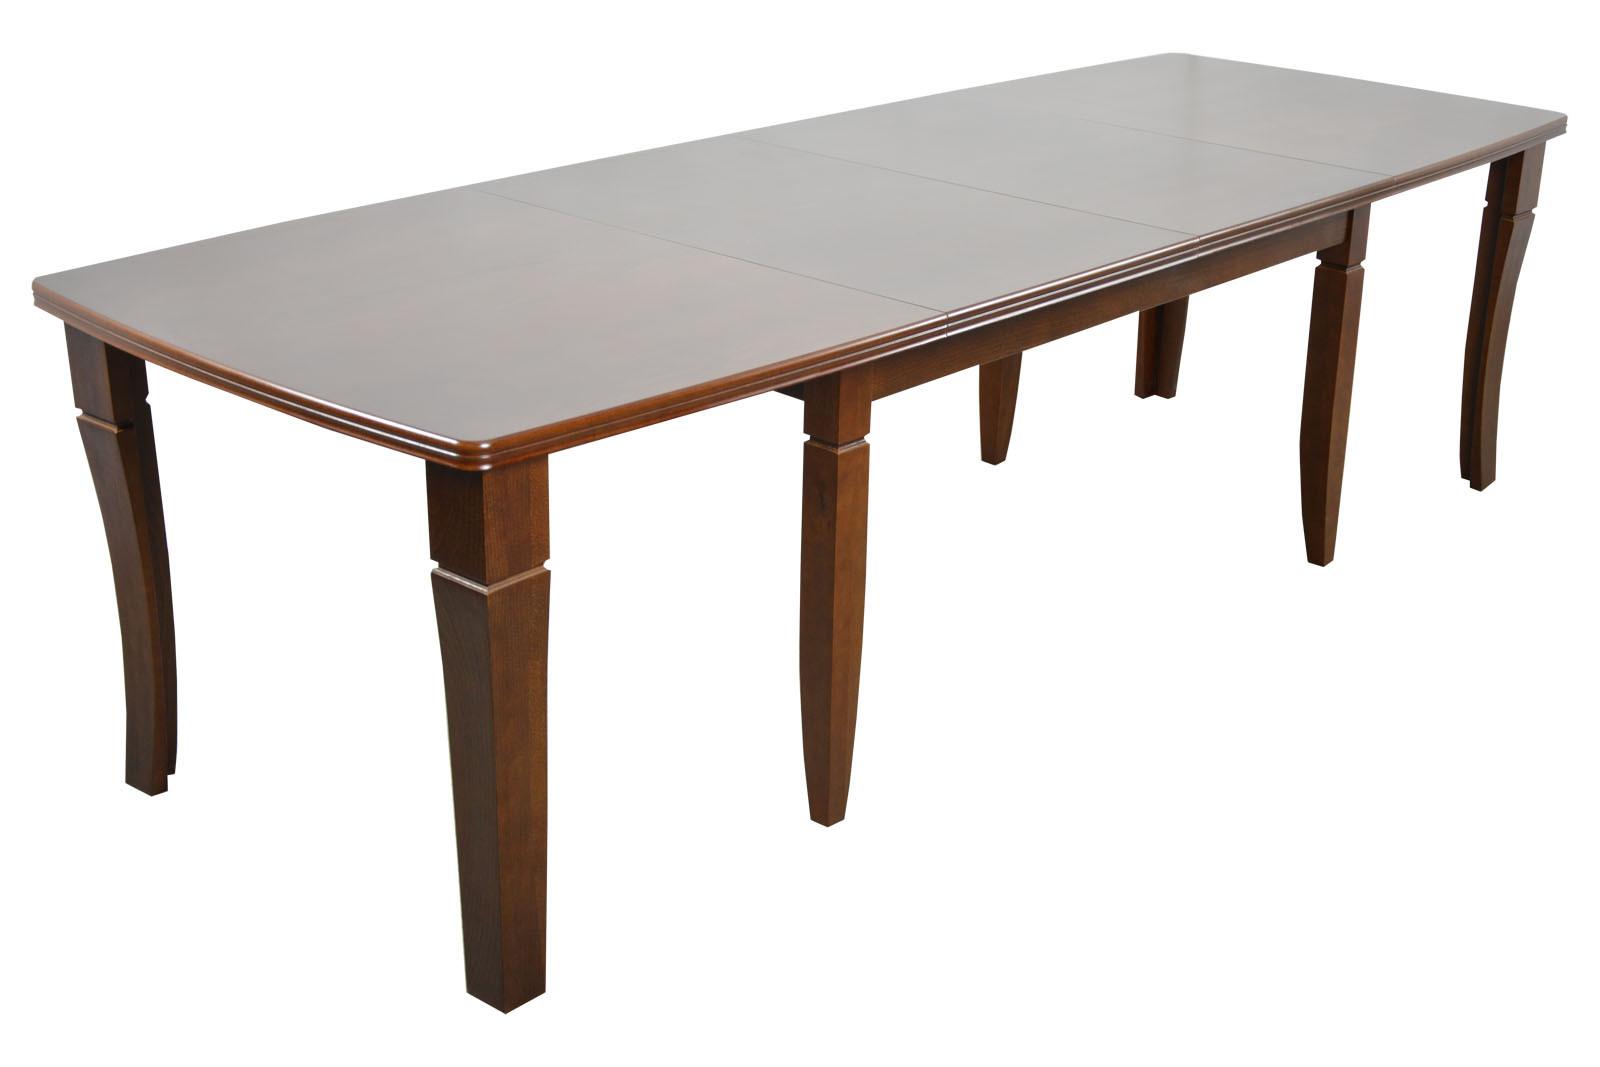 столы раздвижные а отрадном фото картинки здание стиле